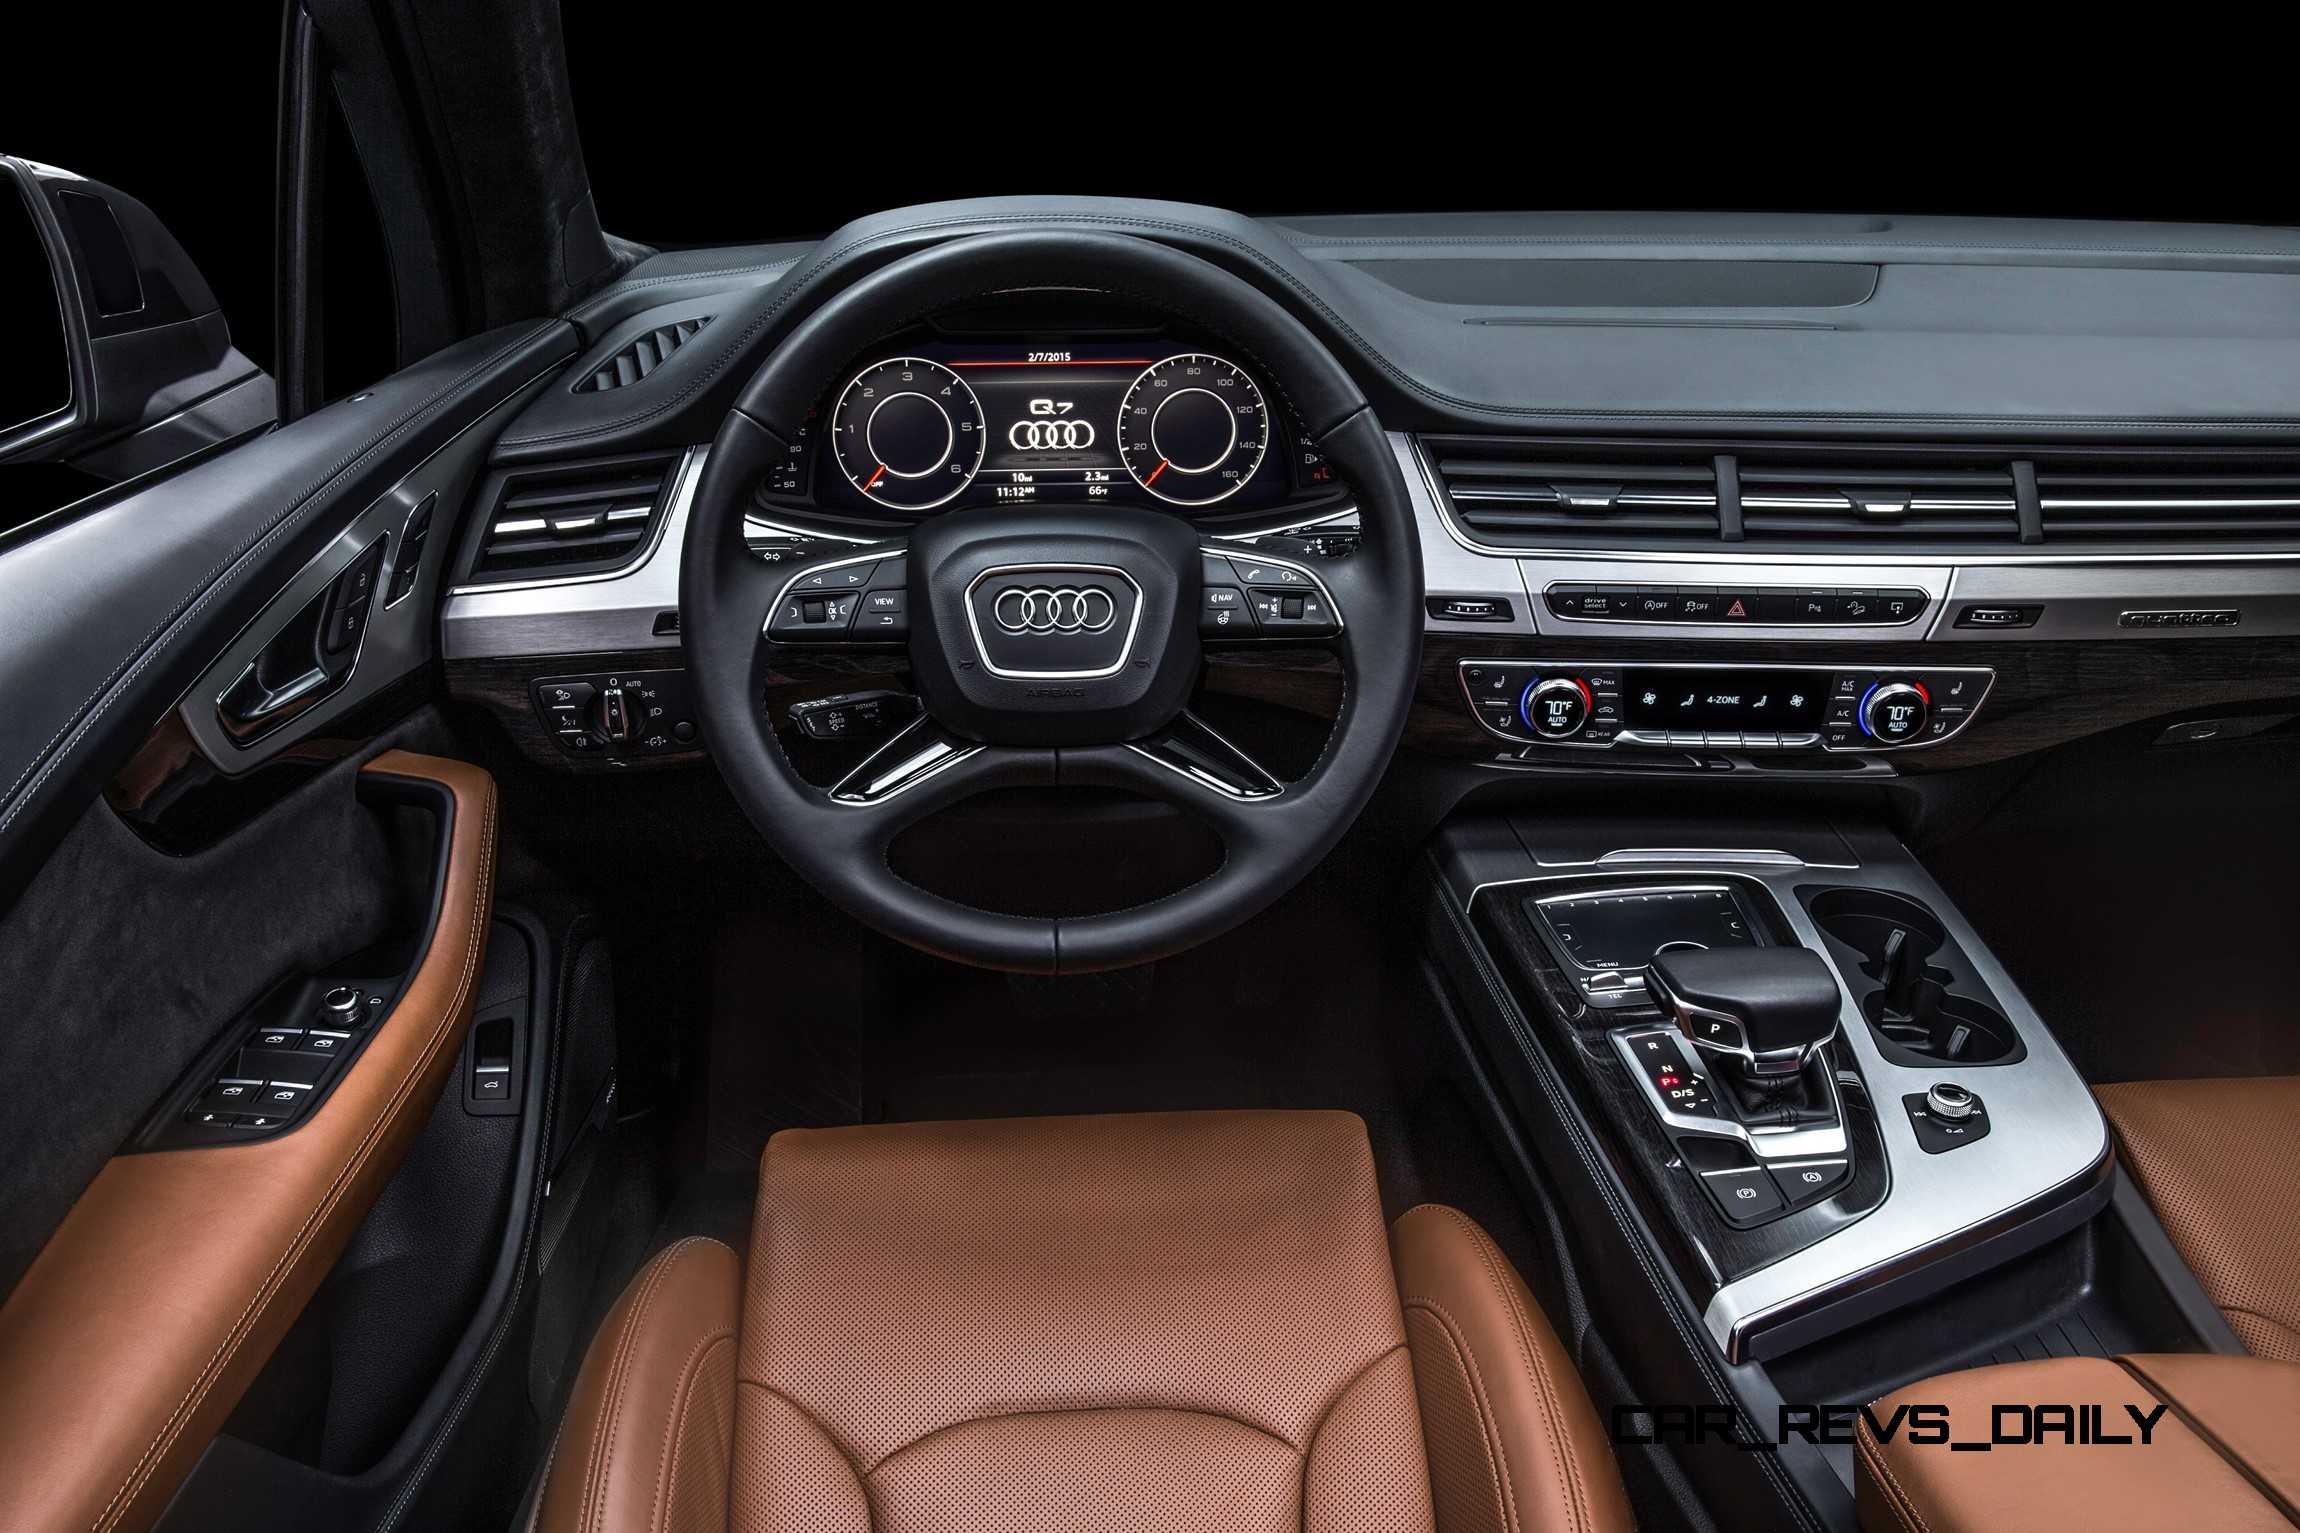 2016 Audi Q7 Interior 2